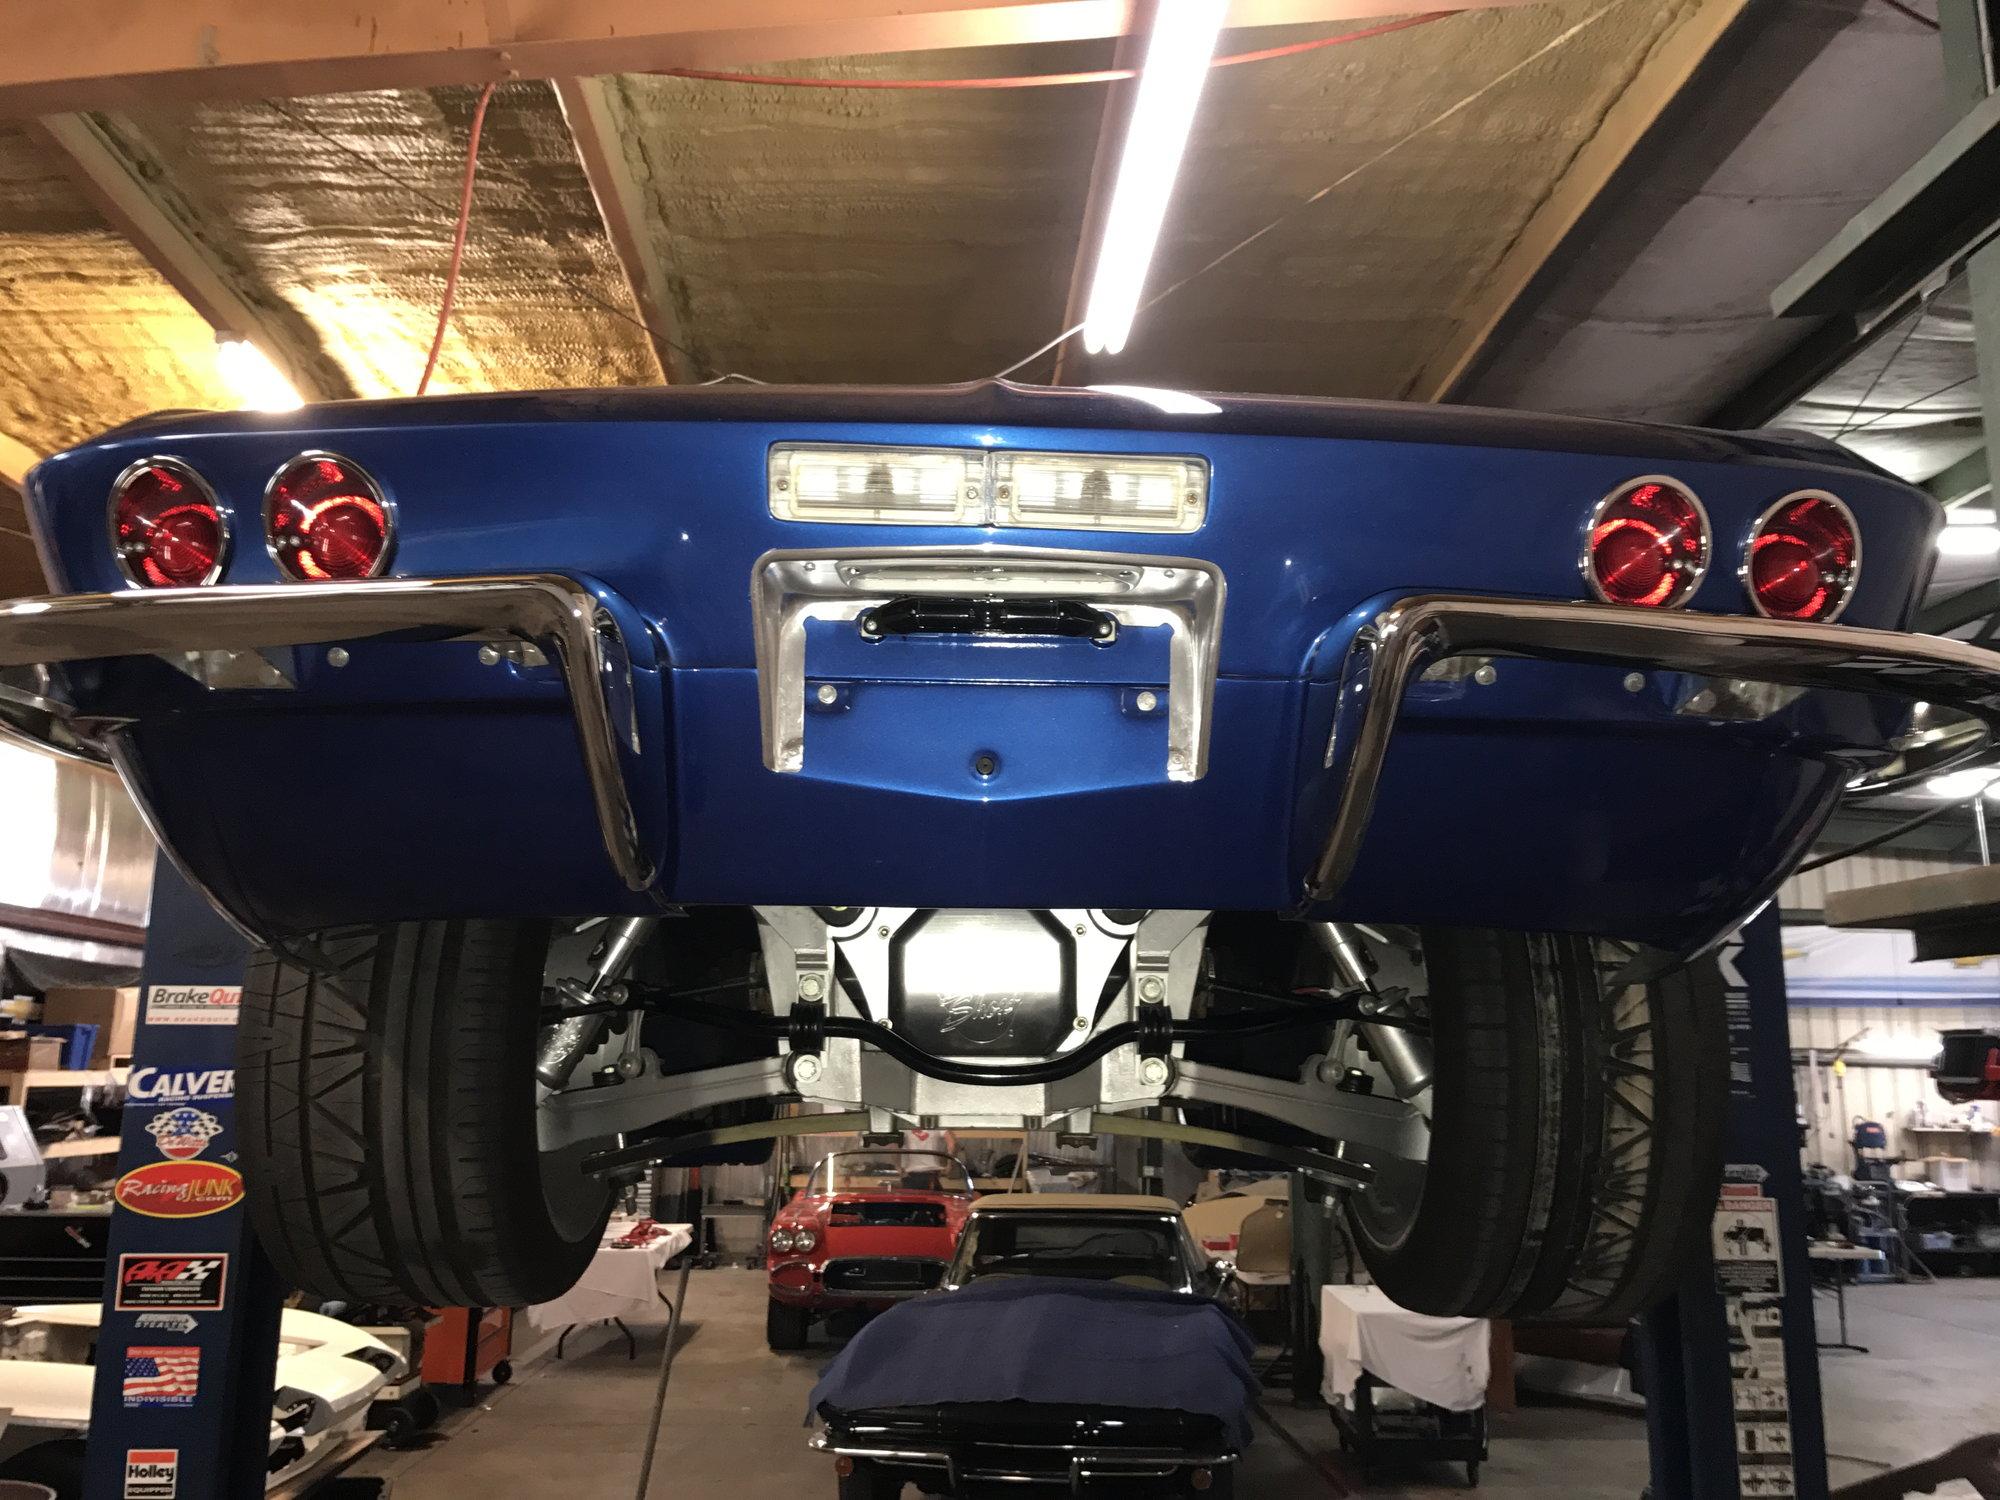 1965 corvette restomod - CorvetteForum - Chevrolet Corvette